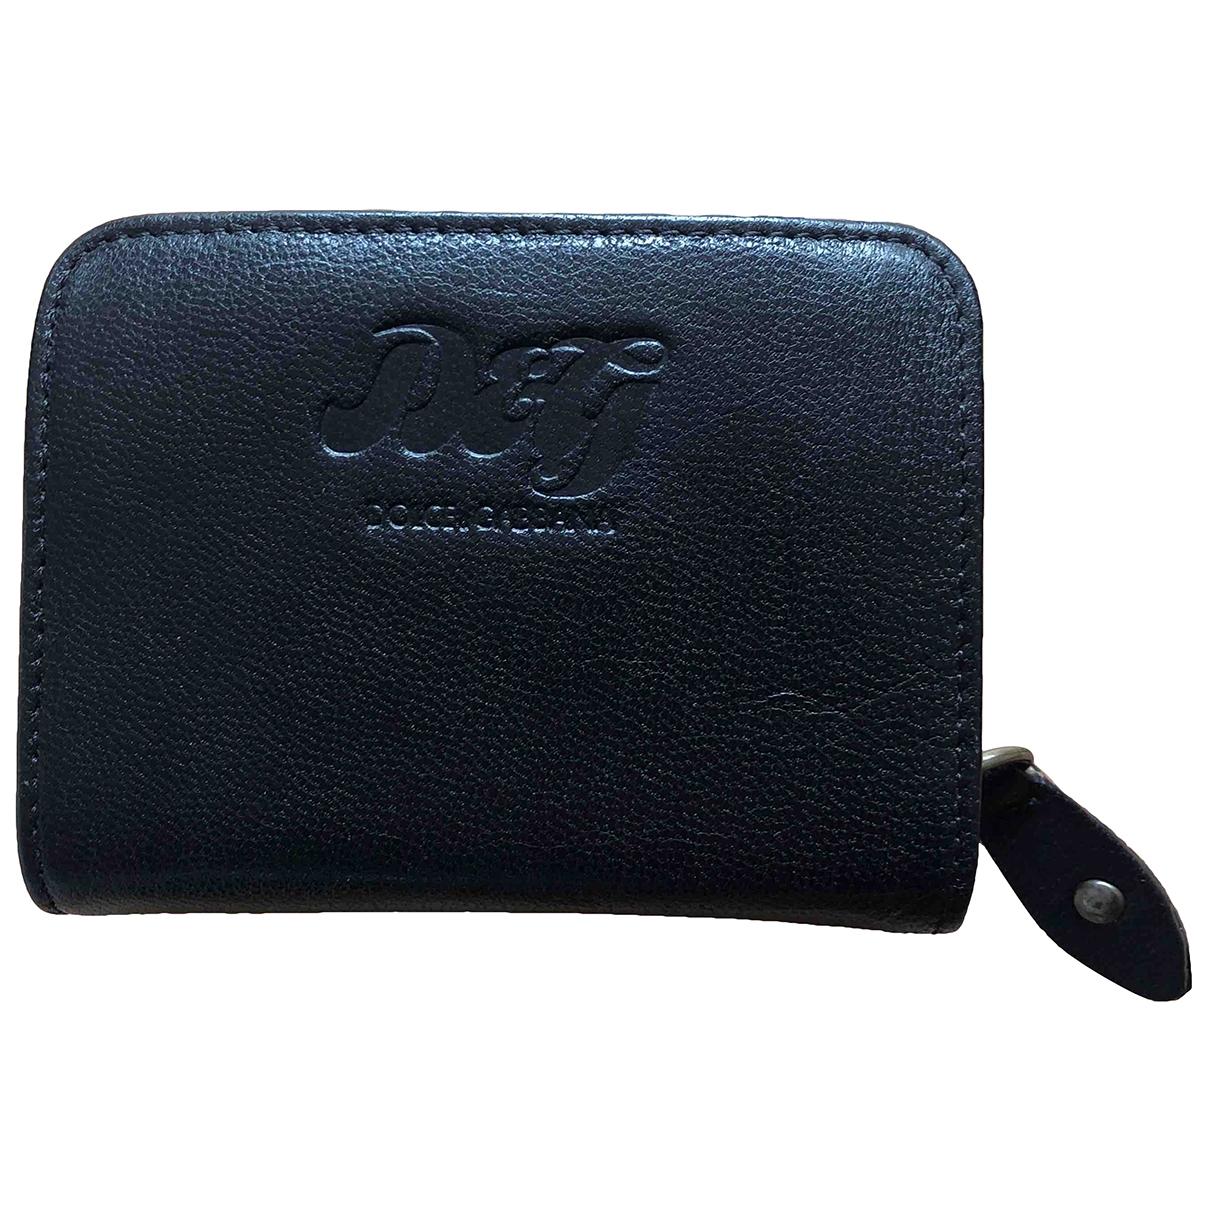 D&g - Portefeuille   pour femme en cuir - noir